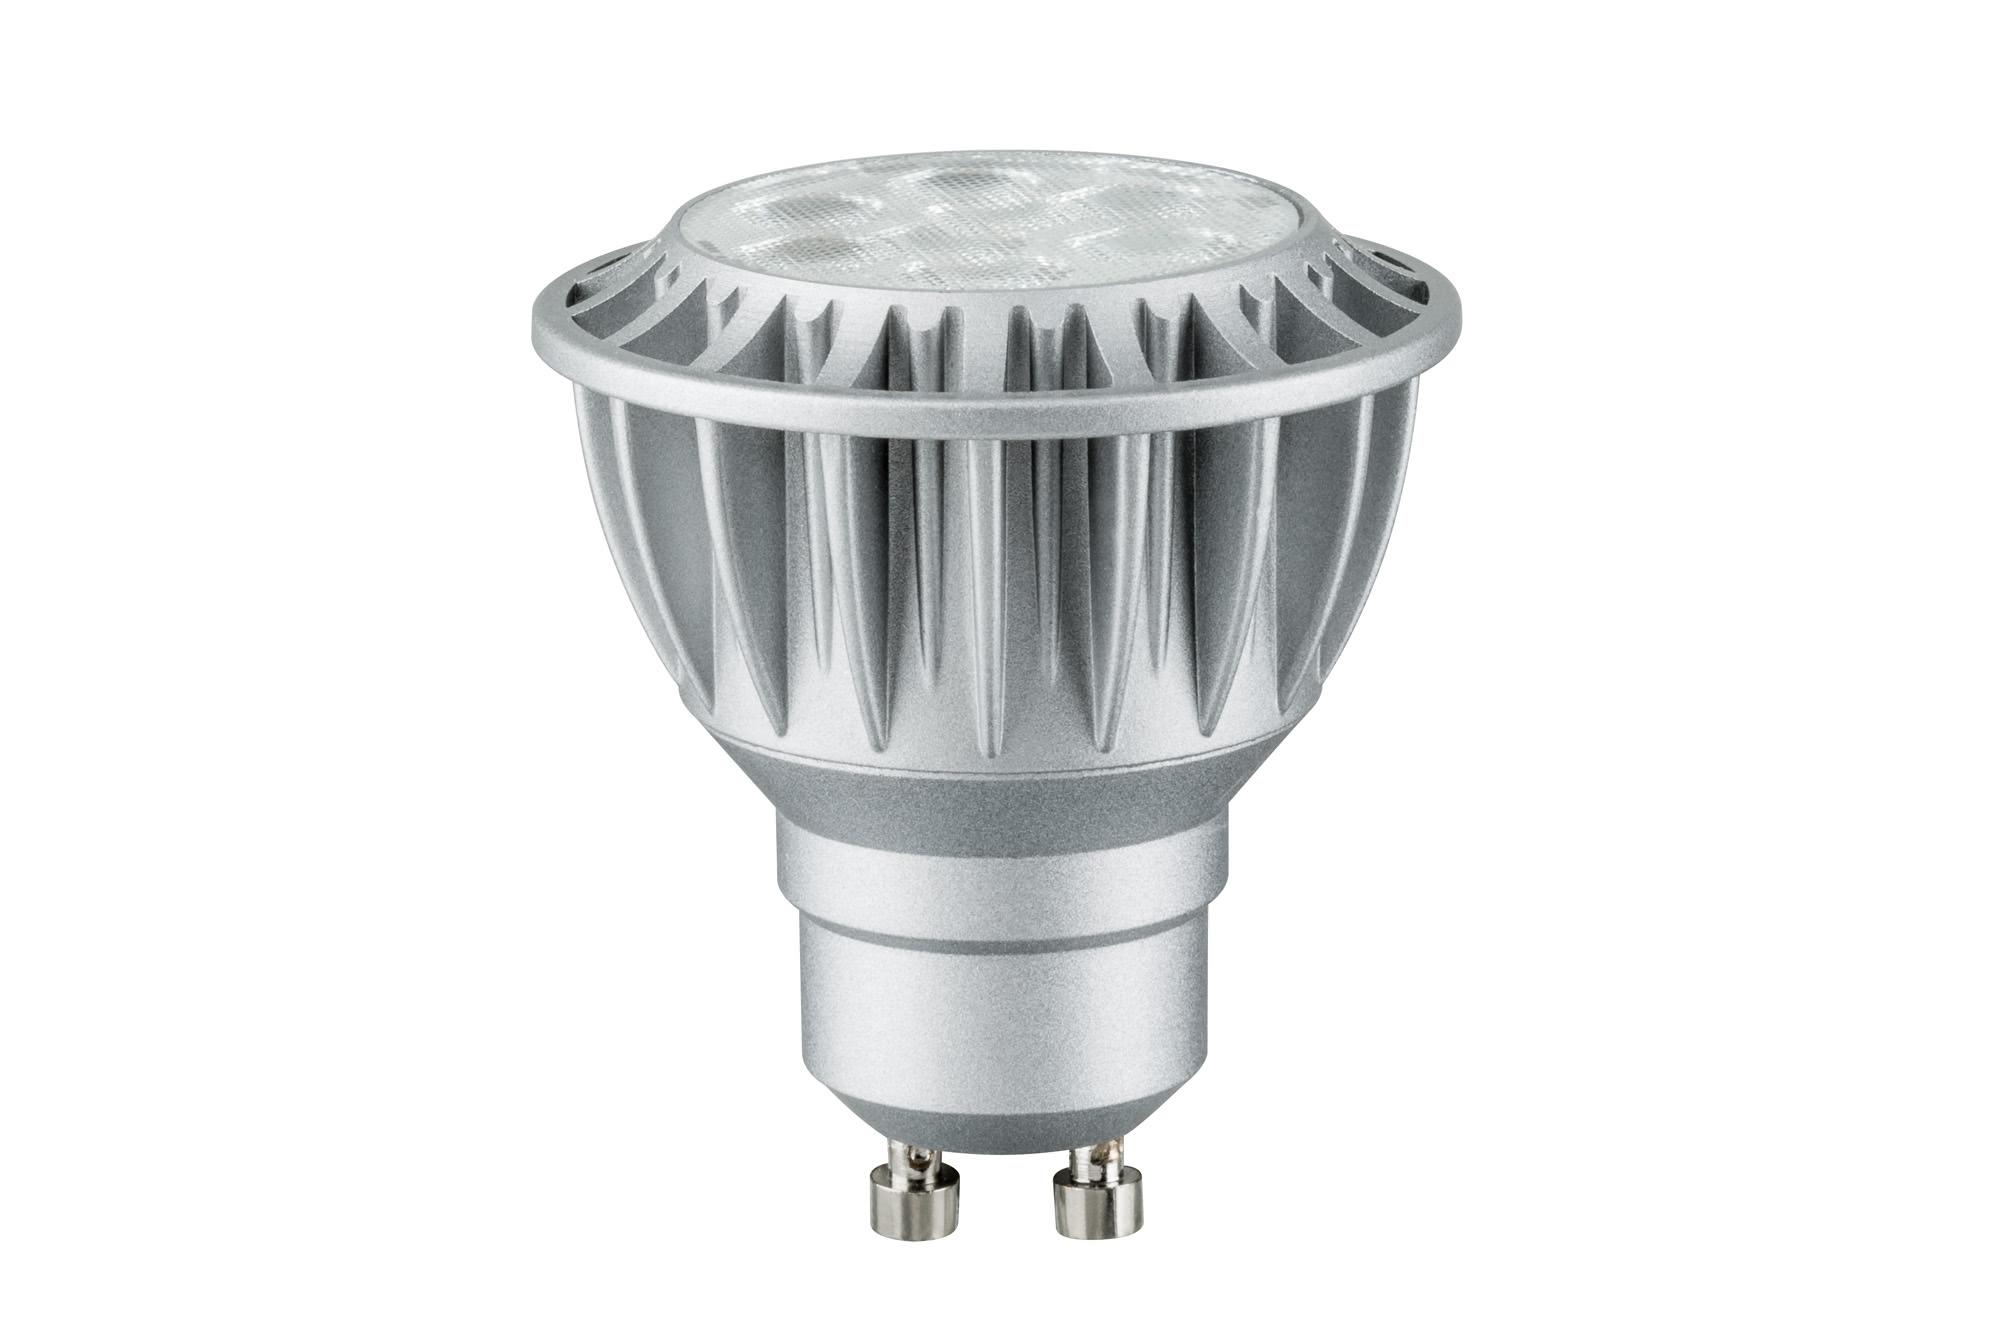 Paulmann. 28345 LED Premium Reflektor 8W GU10 230V 2700K